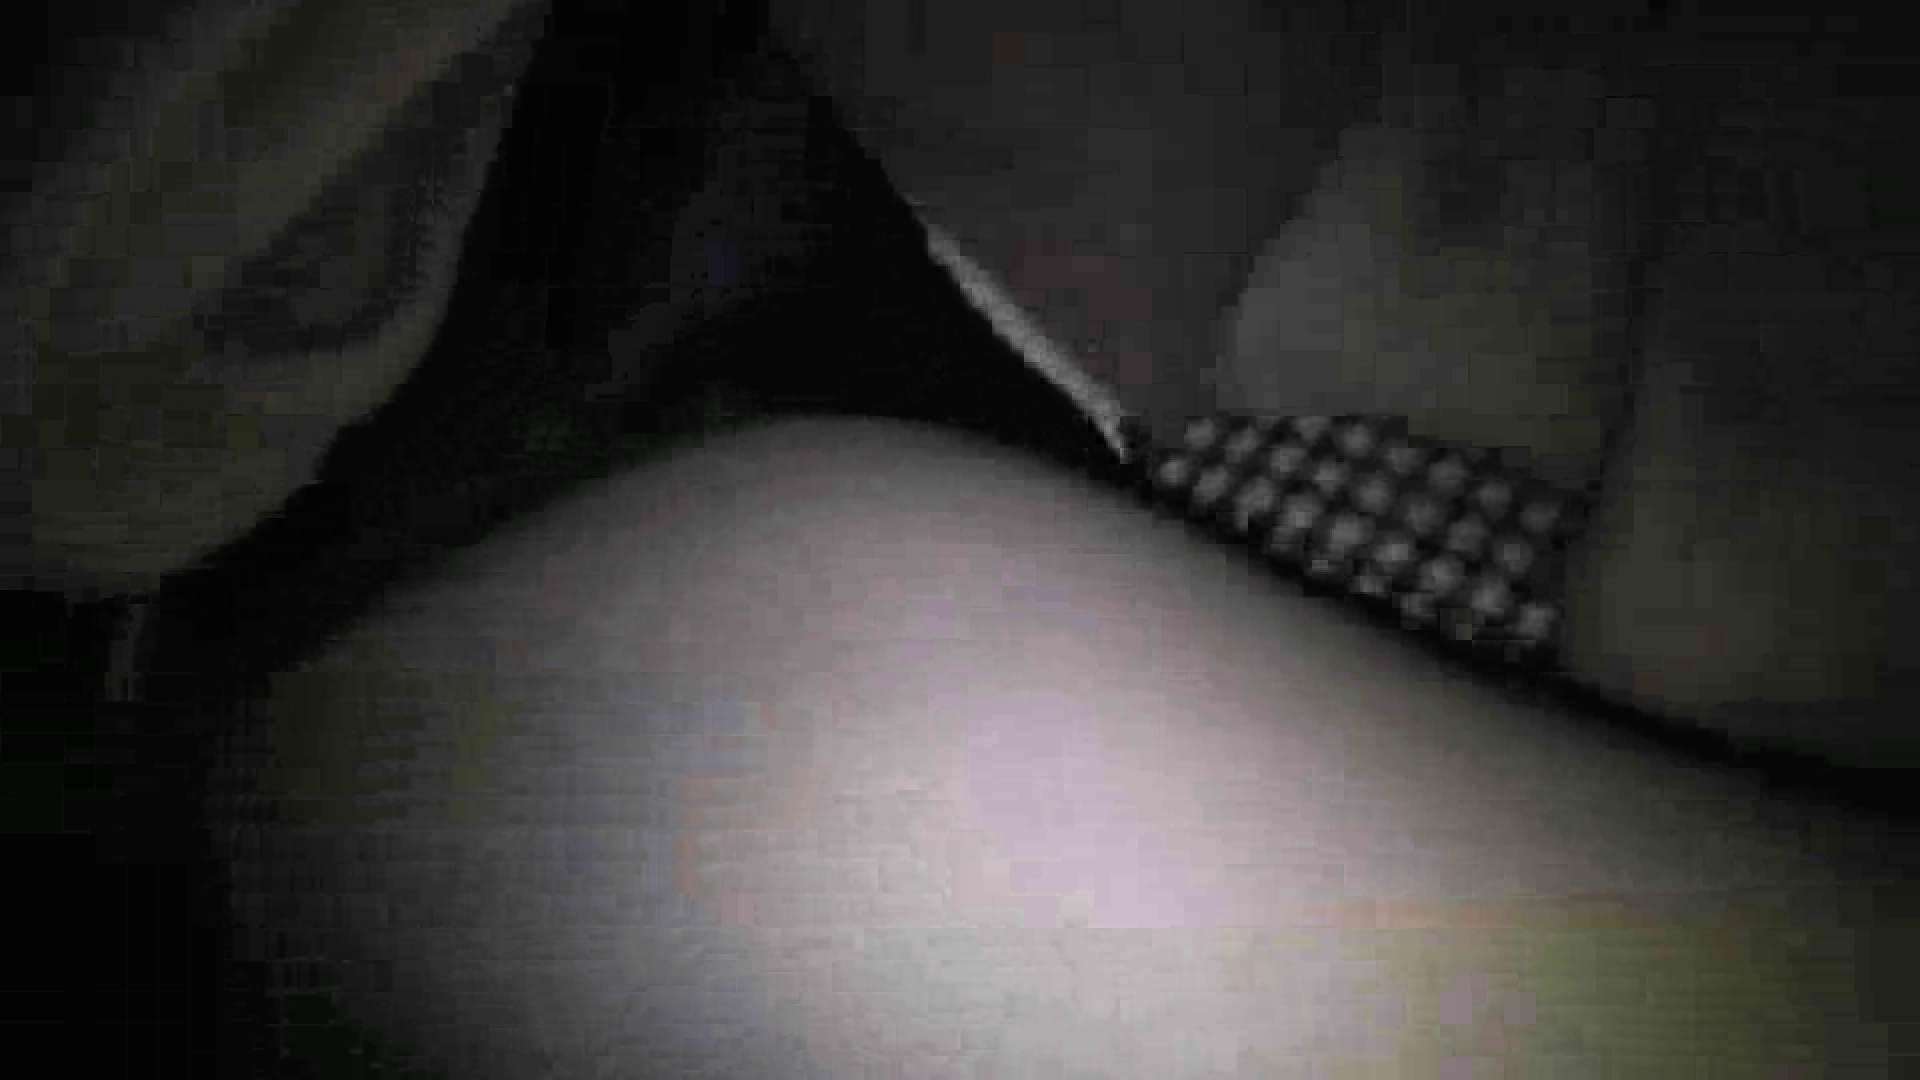 (年末年始限定復活)悲鳴☆懲役12年の犯行記録 一般投稿 | 0  77画像 33